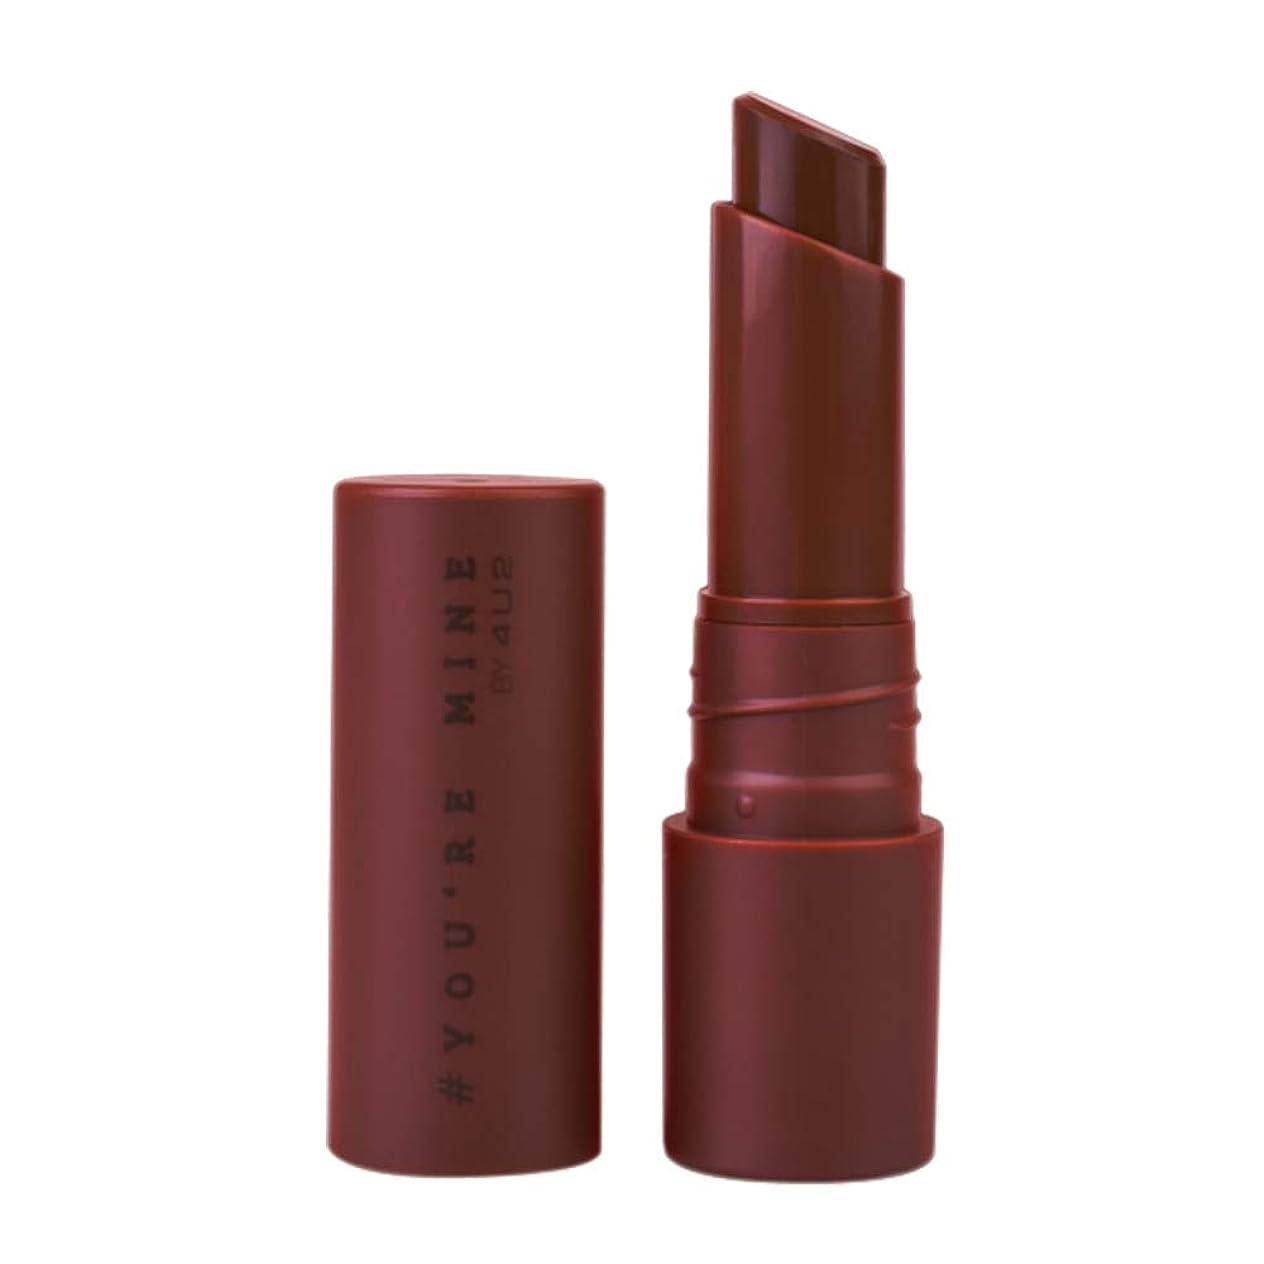 技術逃す鎮痛剤4U2 ユーア マイン リップ (You're Mine Lip Stick) (15)